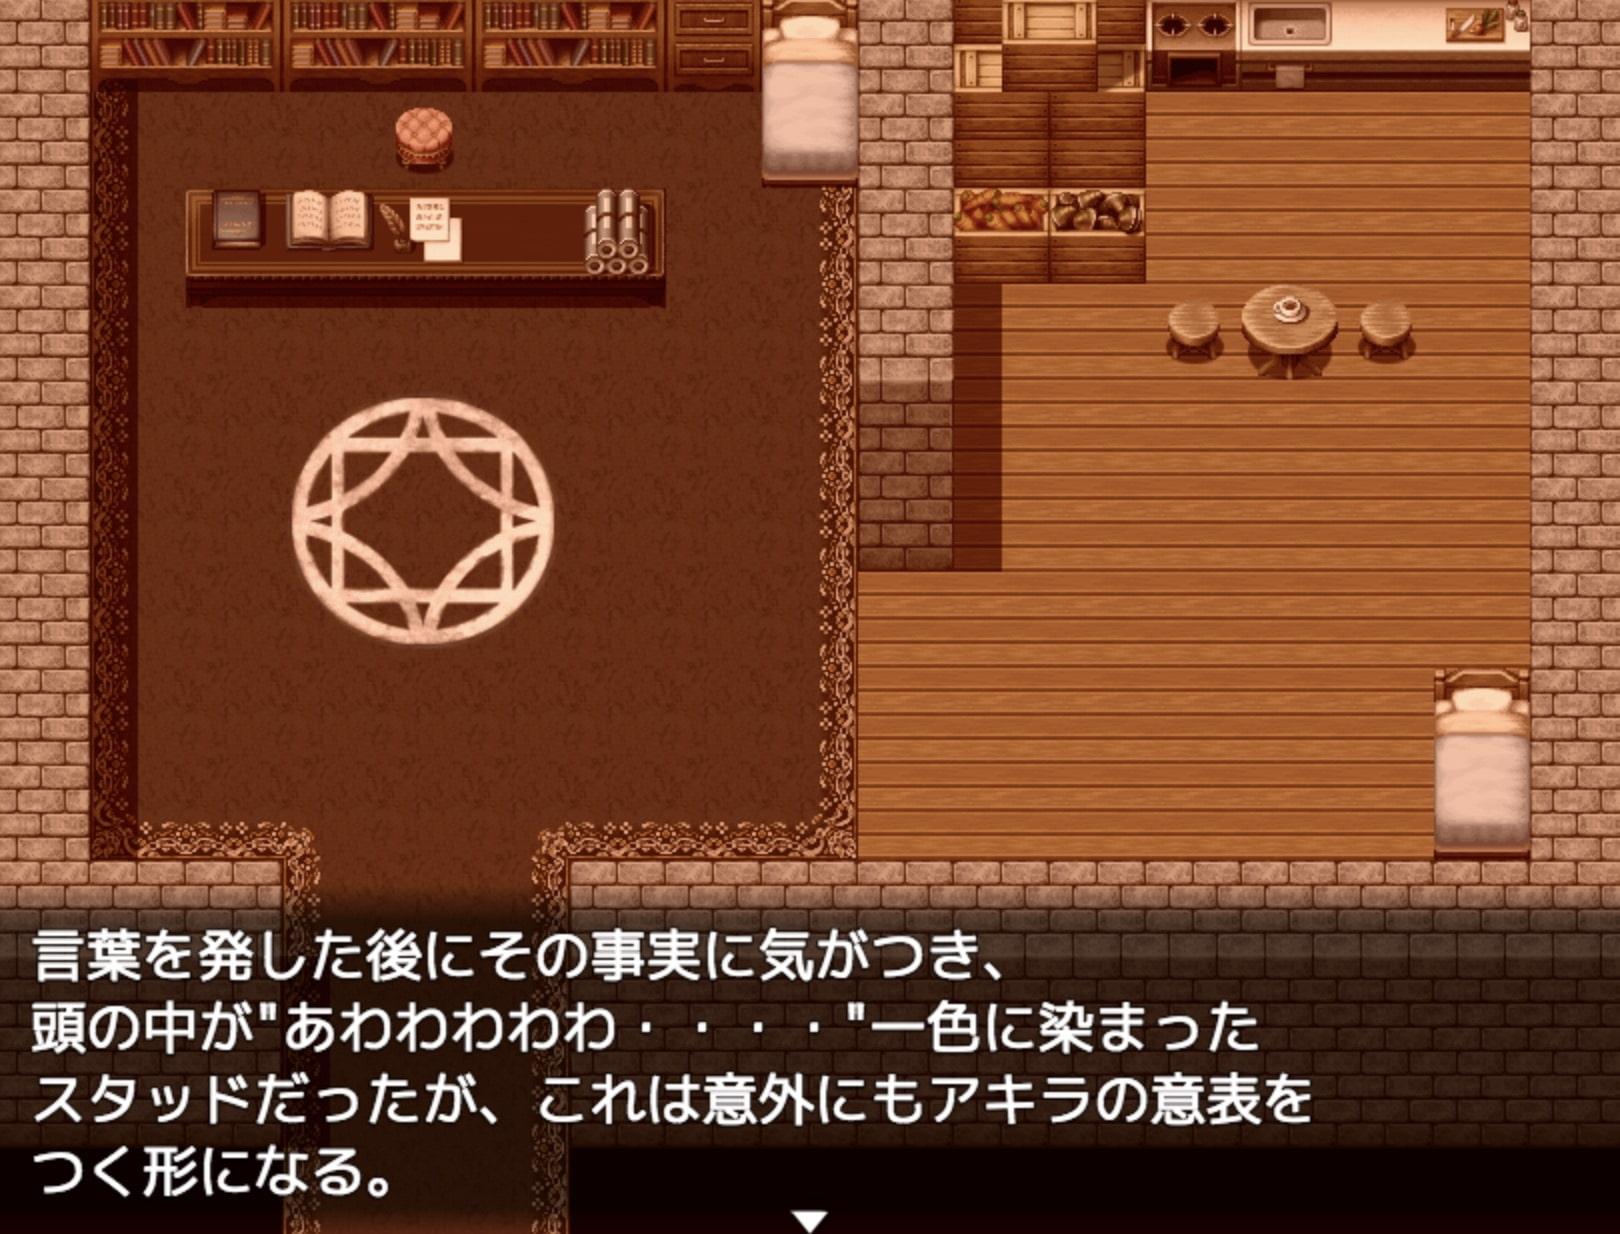 【デジノベ】プレイガール:スタッド編(上)